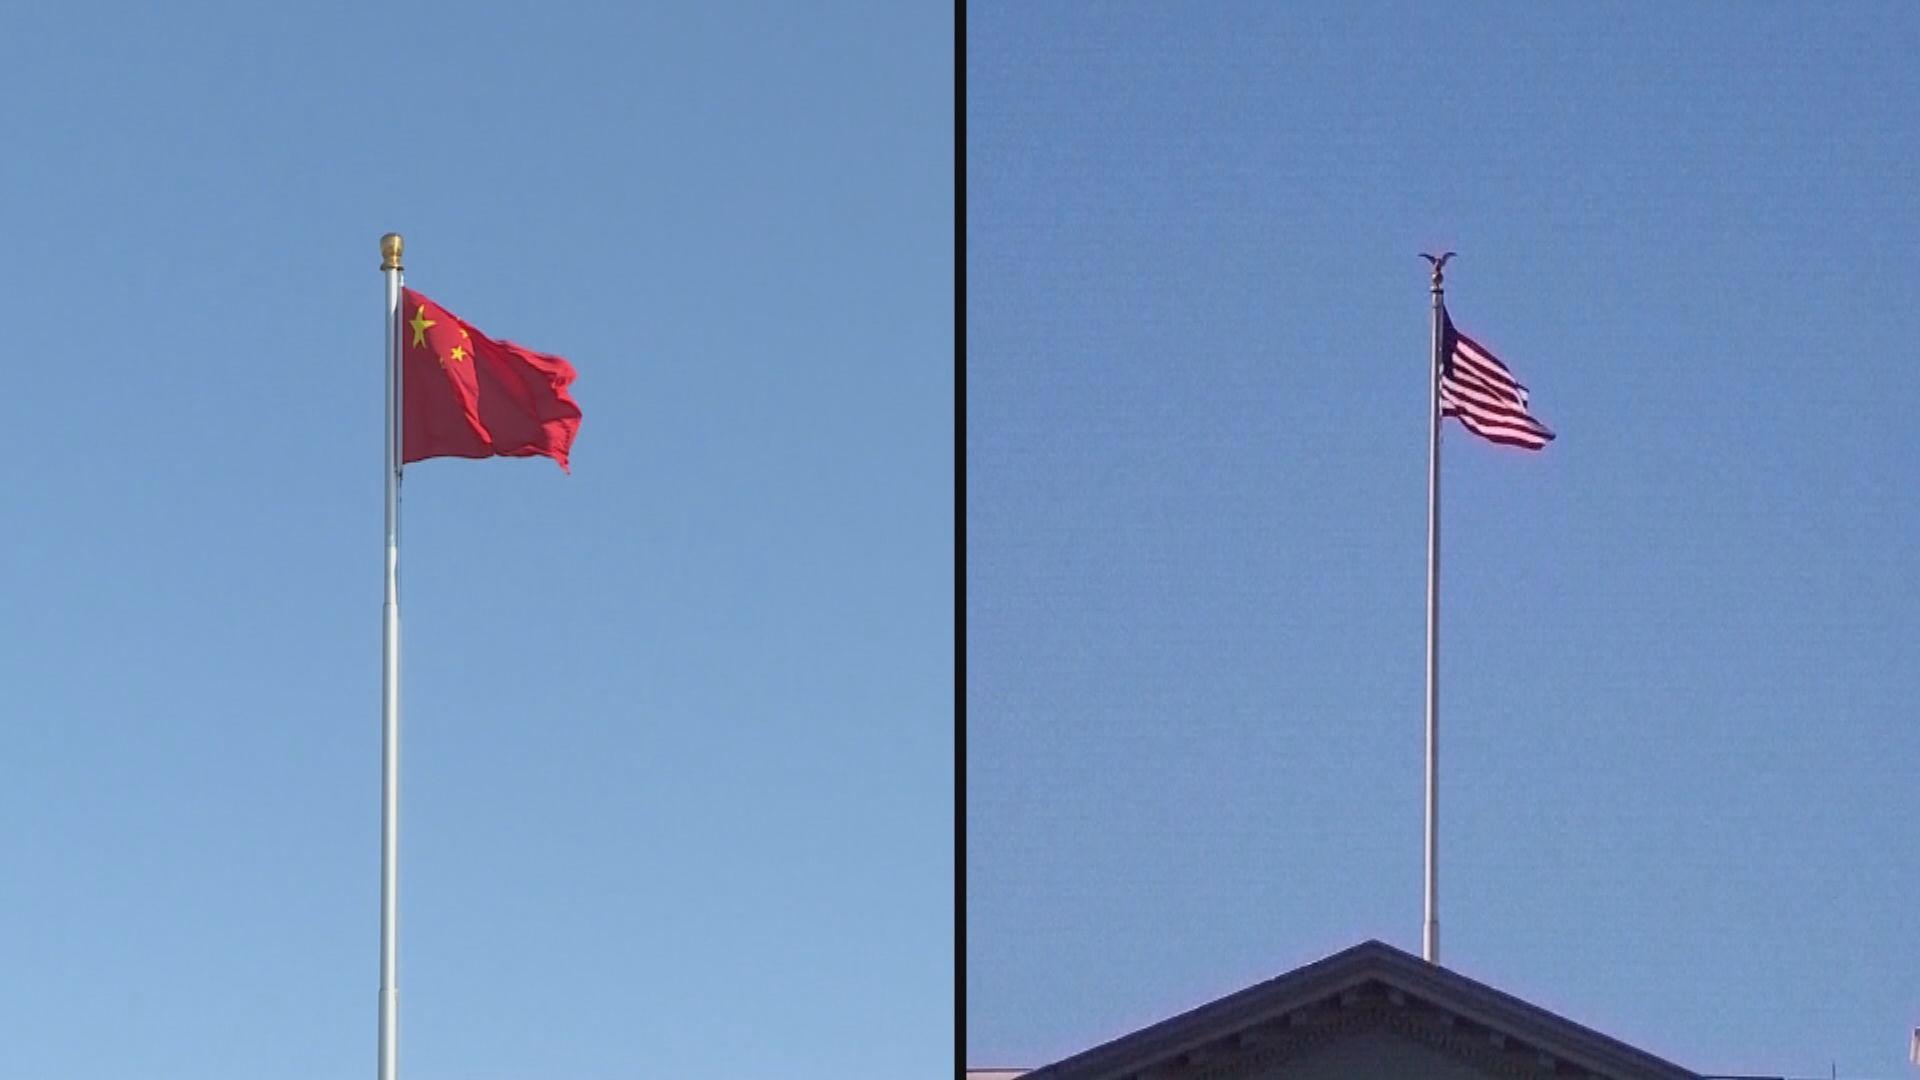 中國對美國駐華使領館採取活動限制 未具體說明內容